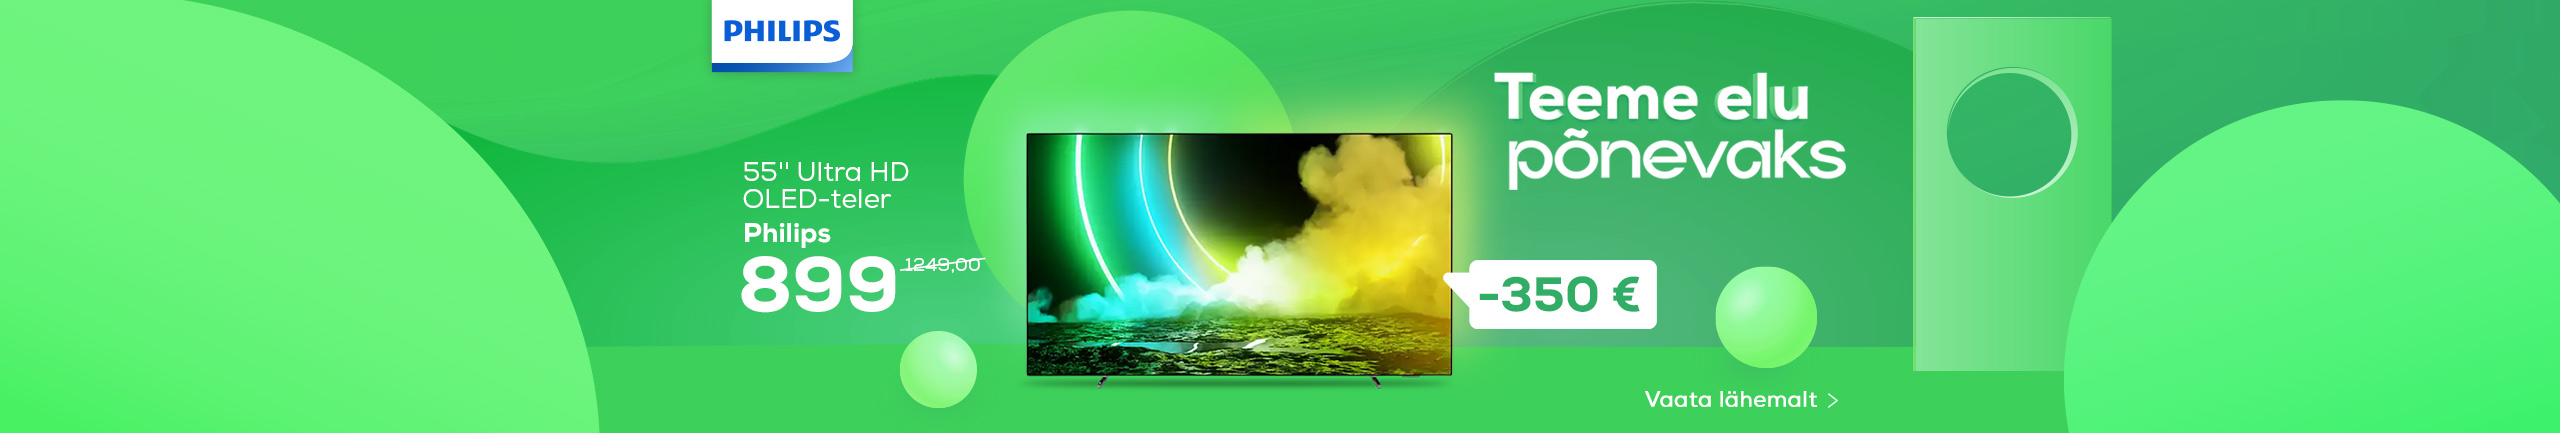 NPL Teeme elu lihtsaks, Philips TV